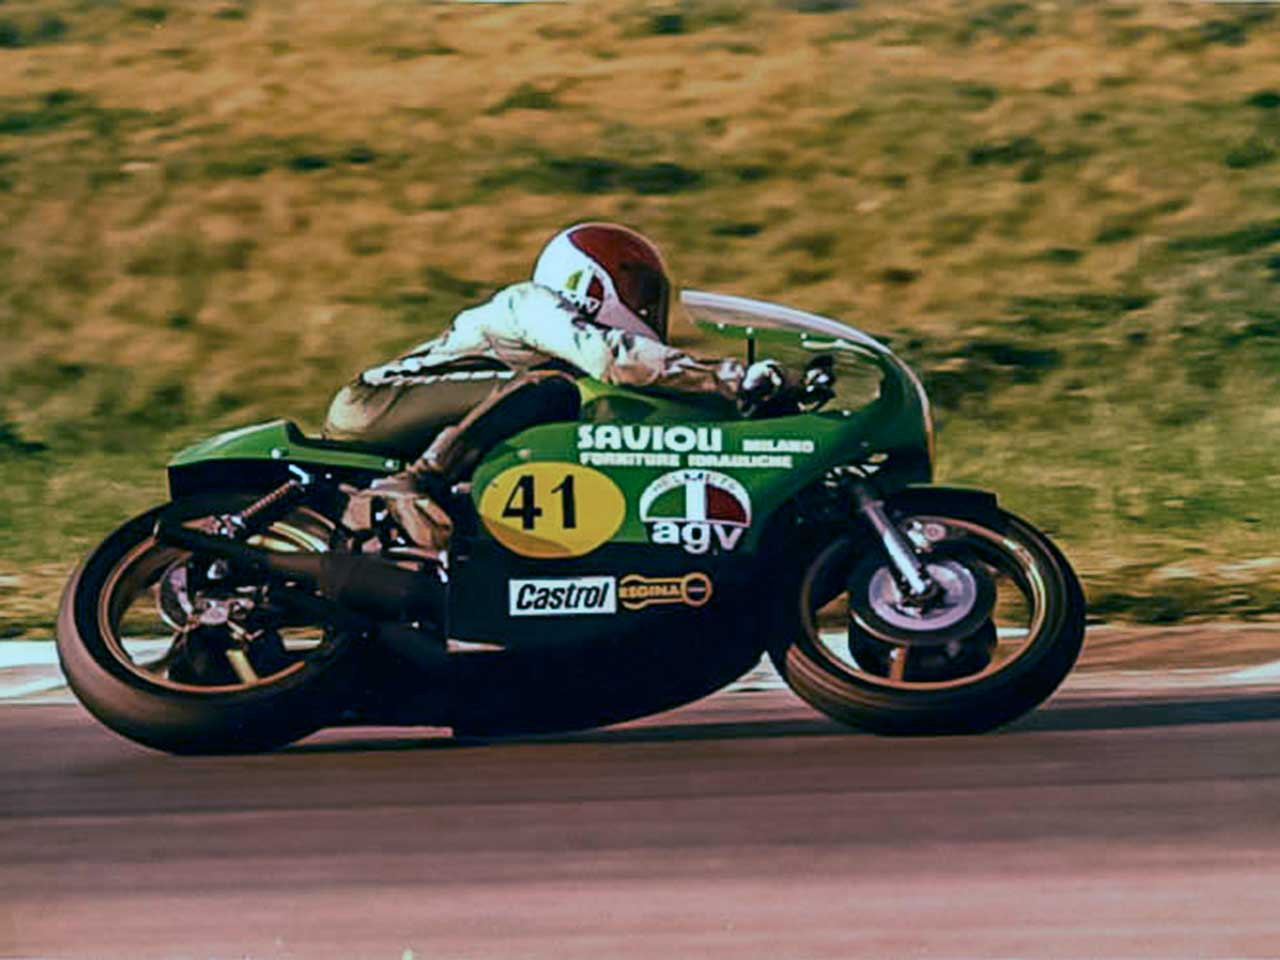 Paton_Storia-Anni70_Pieraldo-Cipriani-Paton-Segoni-500cc-2T-1977